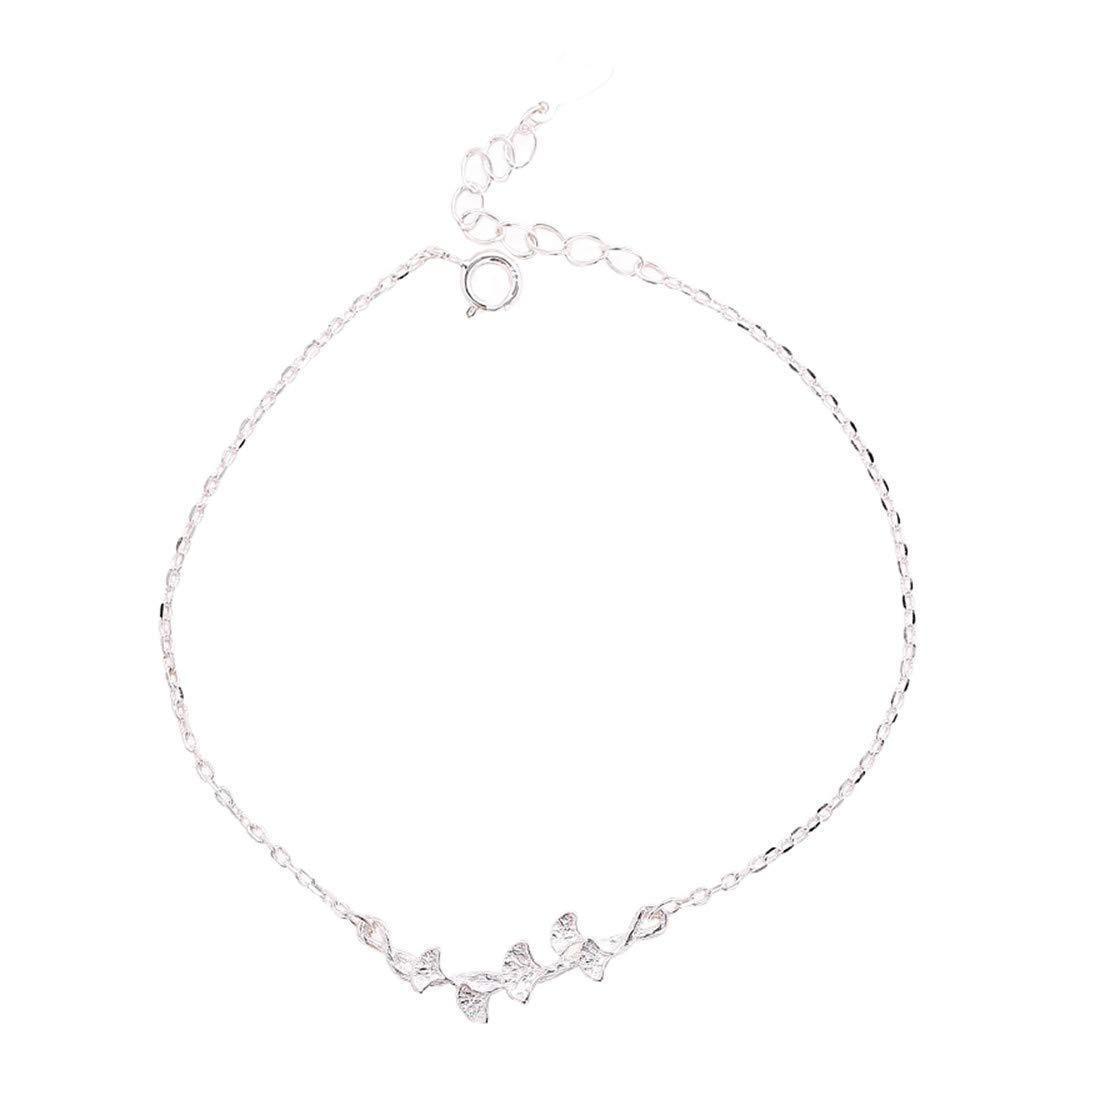 YIYIYYA女性用ブレスレットS925シルバーパーソナリティデザインファッショナブルなイチョウ葉の形の結婚式の宝石類女性用ジュエリーの贈り物   B07LGZVMXD